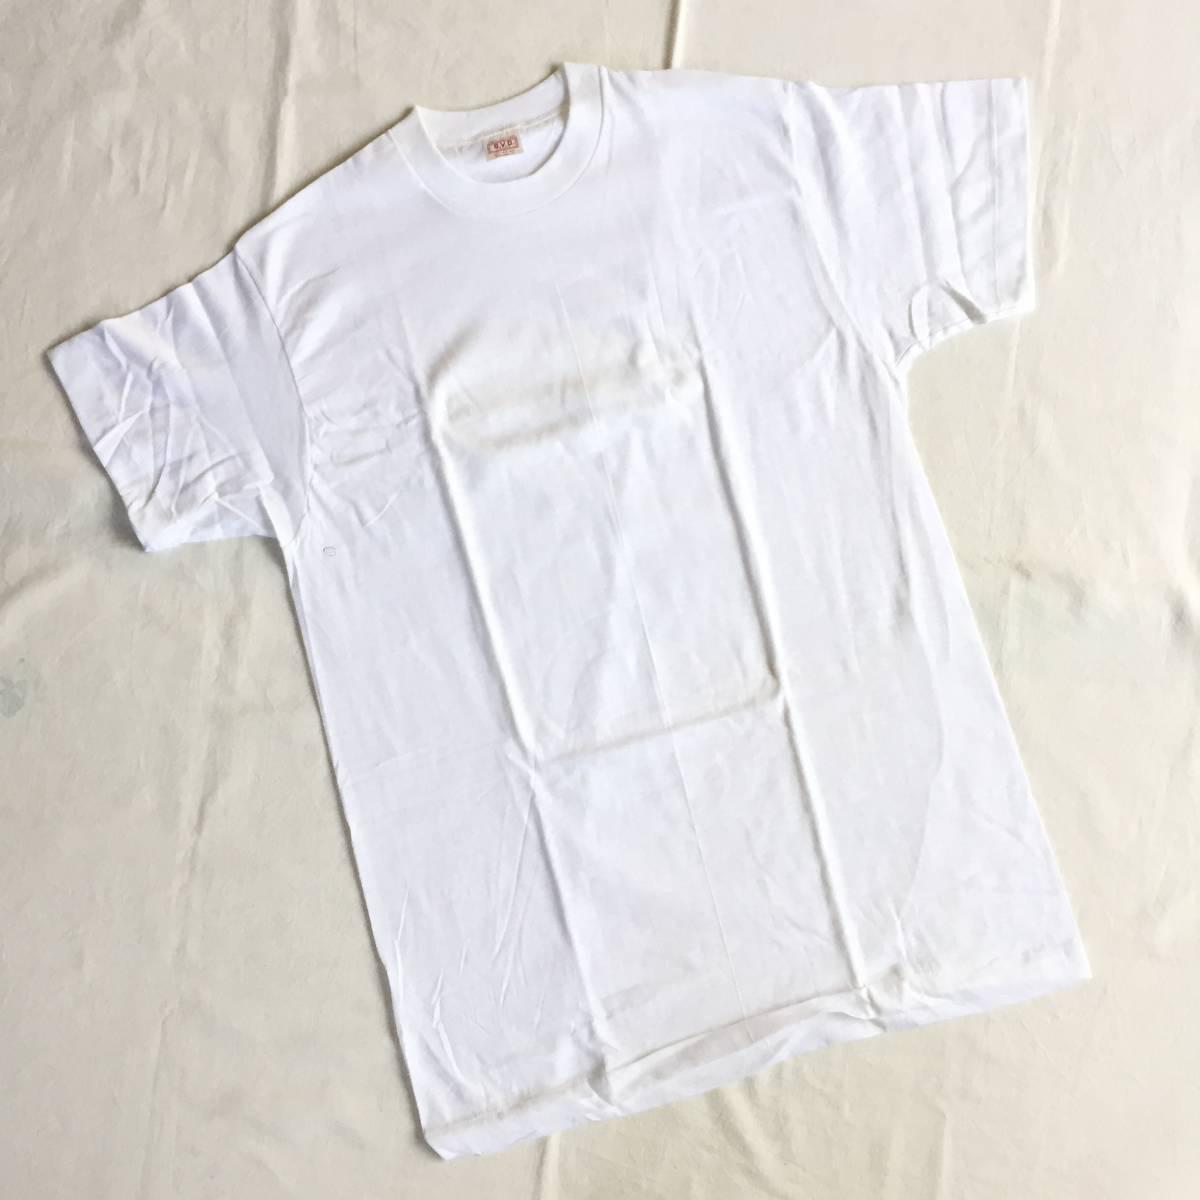 1972 70s USA製 デッドストック Lサイズ BVD 丸首 白 無地 Tシャツ アンダーシャツ VINTAGE _画像2